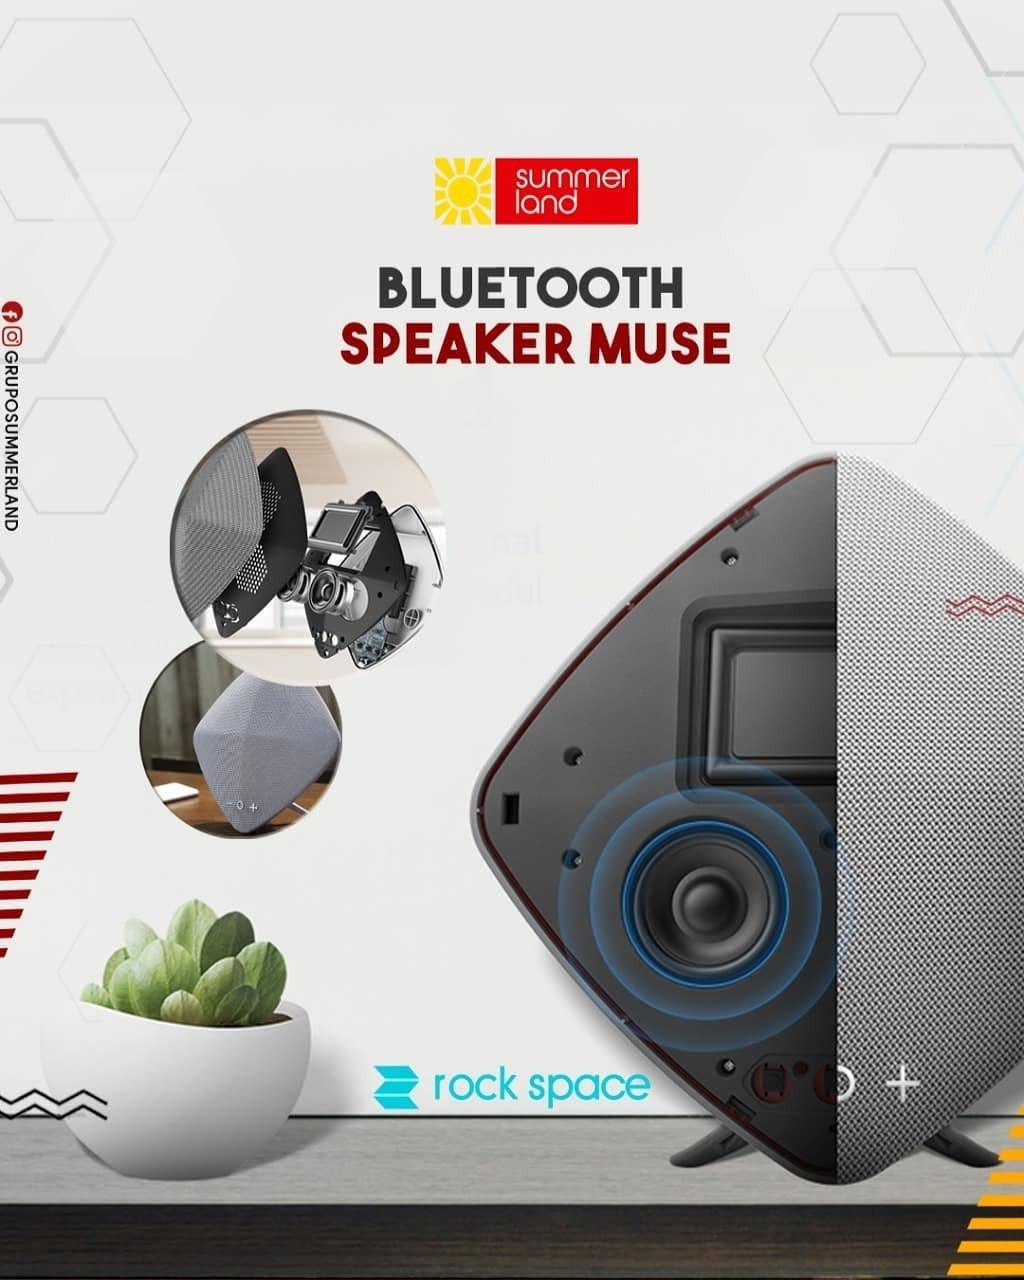 Caixa de som Bluetooth Speaker MUSE.